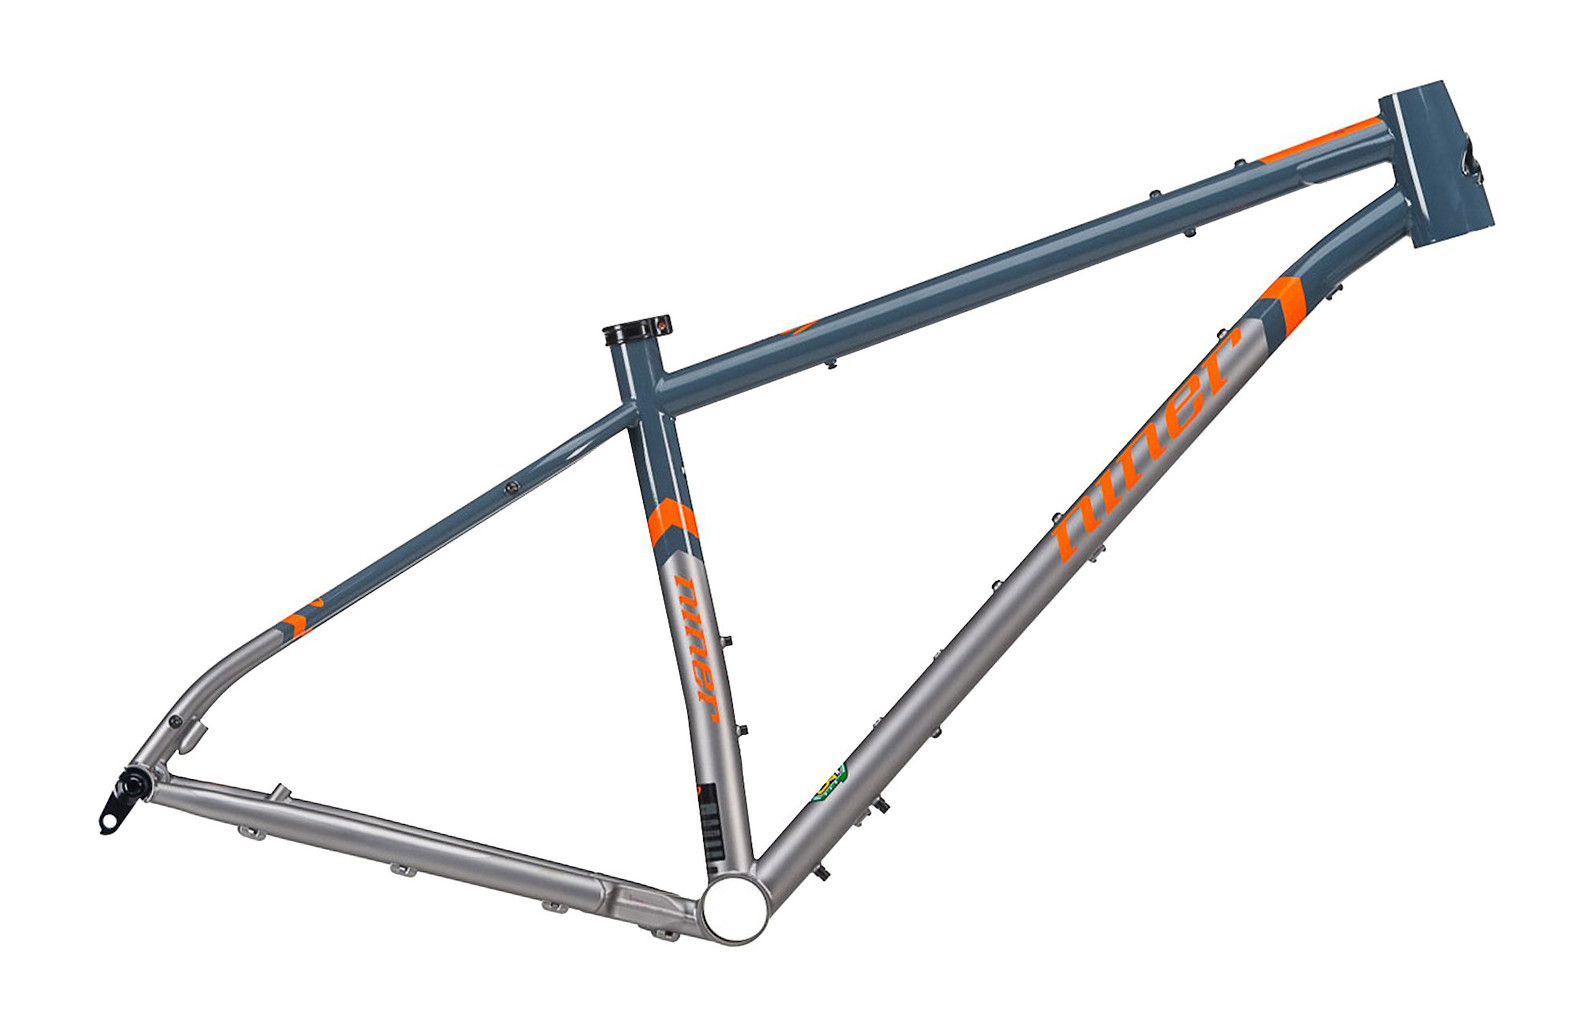 Niner SIR 9 frame - Slate Blue/Orange